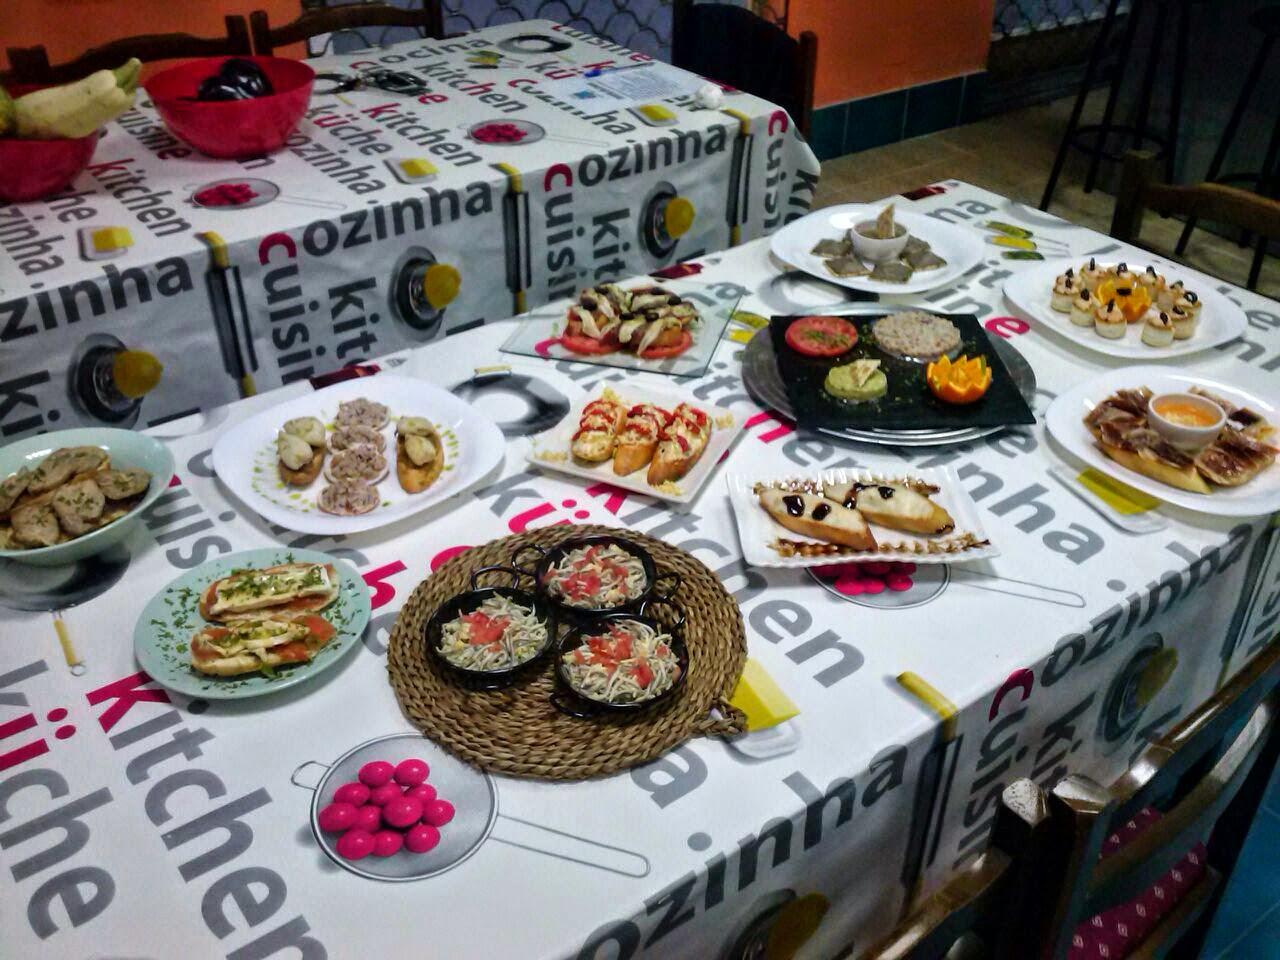 Escuela de cocina pako amor taller de tapas escuela de - Escuela de cocina paco amor ...